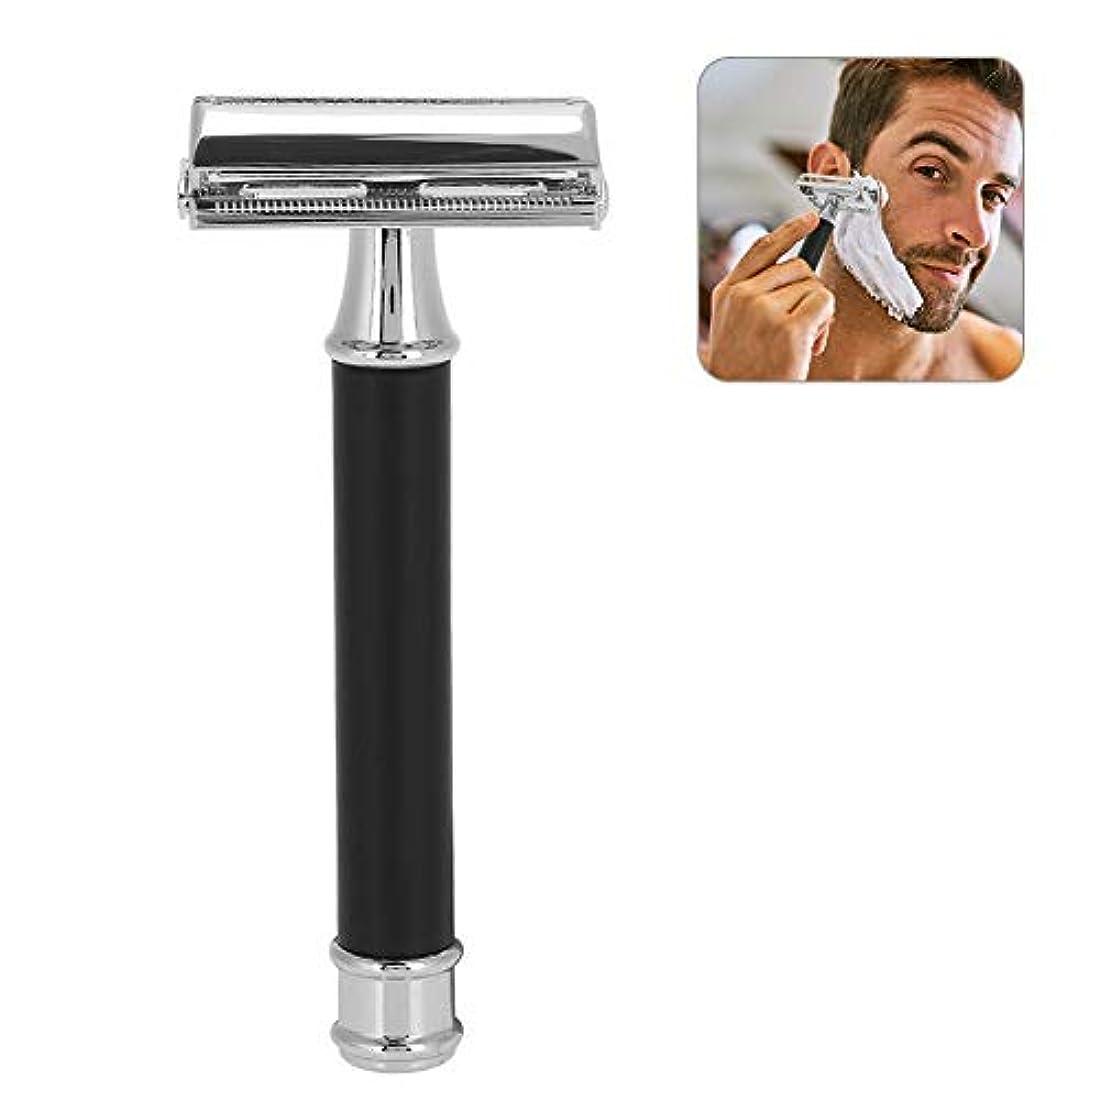 記録ドナーベリ両刃カミソリホルダー メンズシェーバー クラシックレイザー 脱毛器 剃刀 手動 交換可能なブレード 両面ナイフ